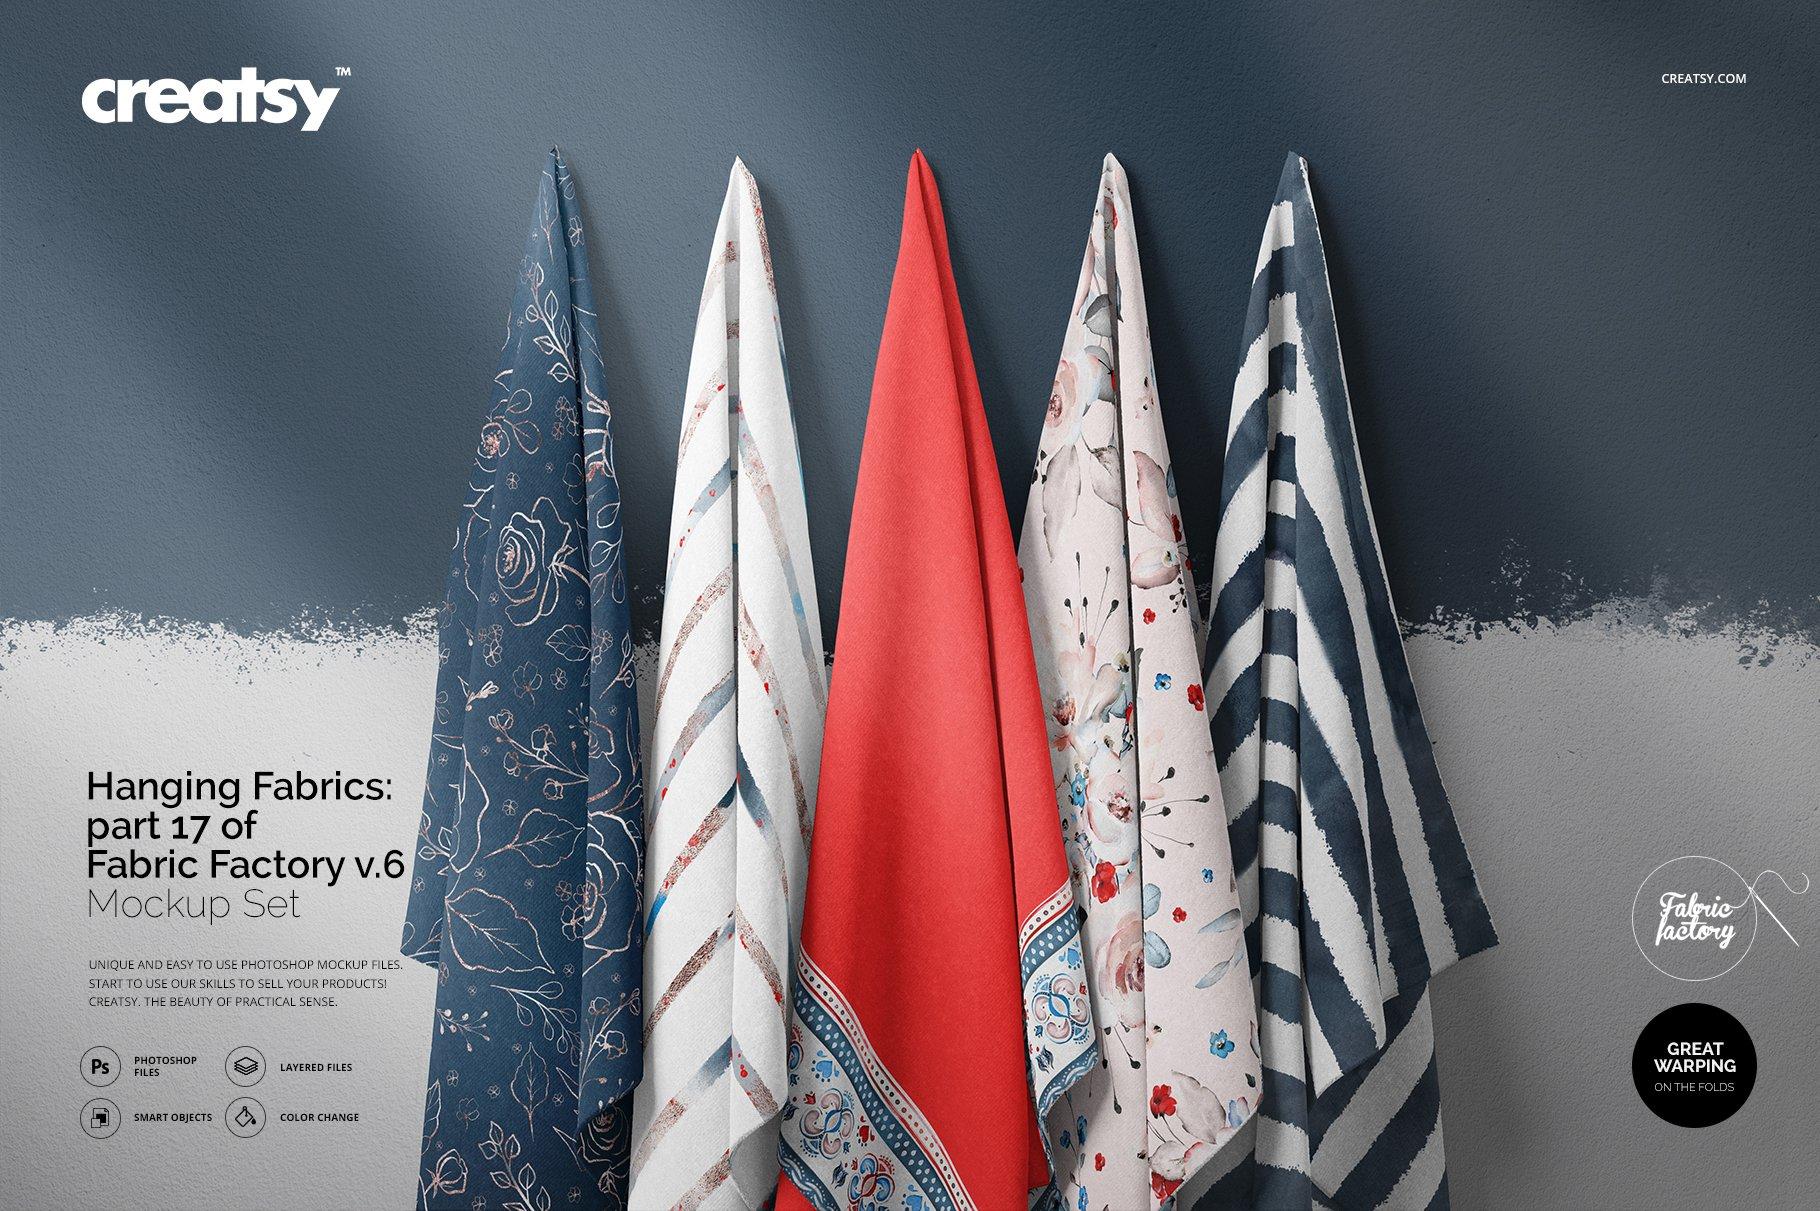 悬挂纺织面料印花设计展示样机 Hanging Fabrics Mockup 17/FF v.6插图